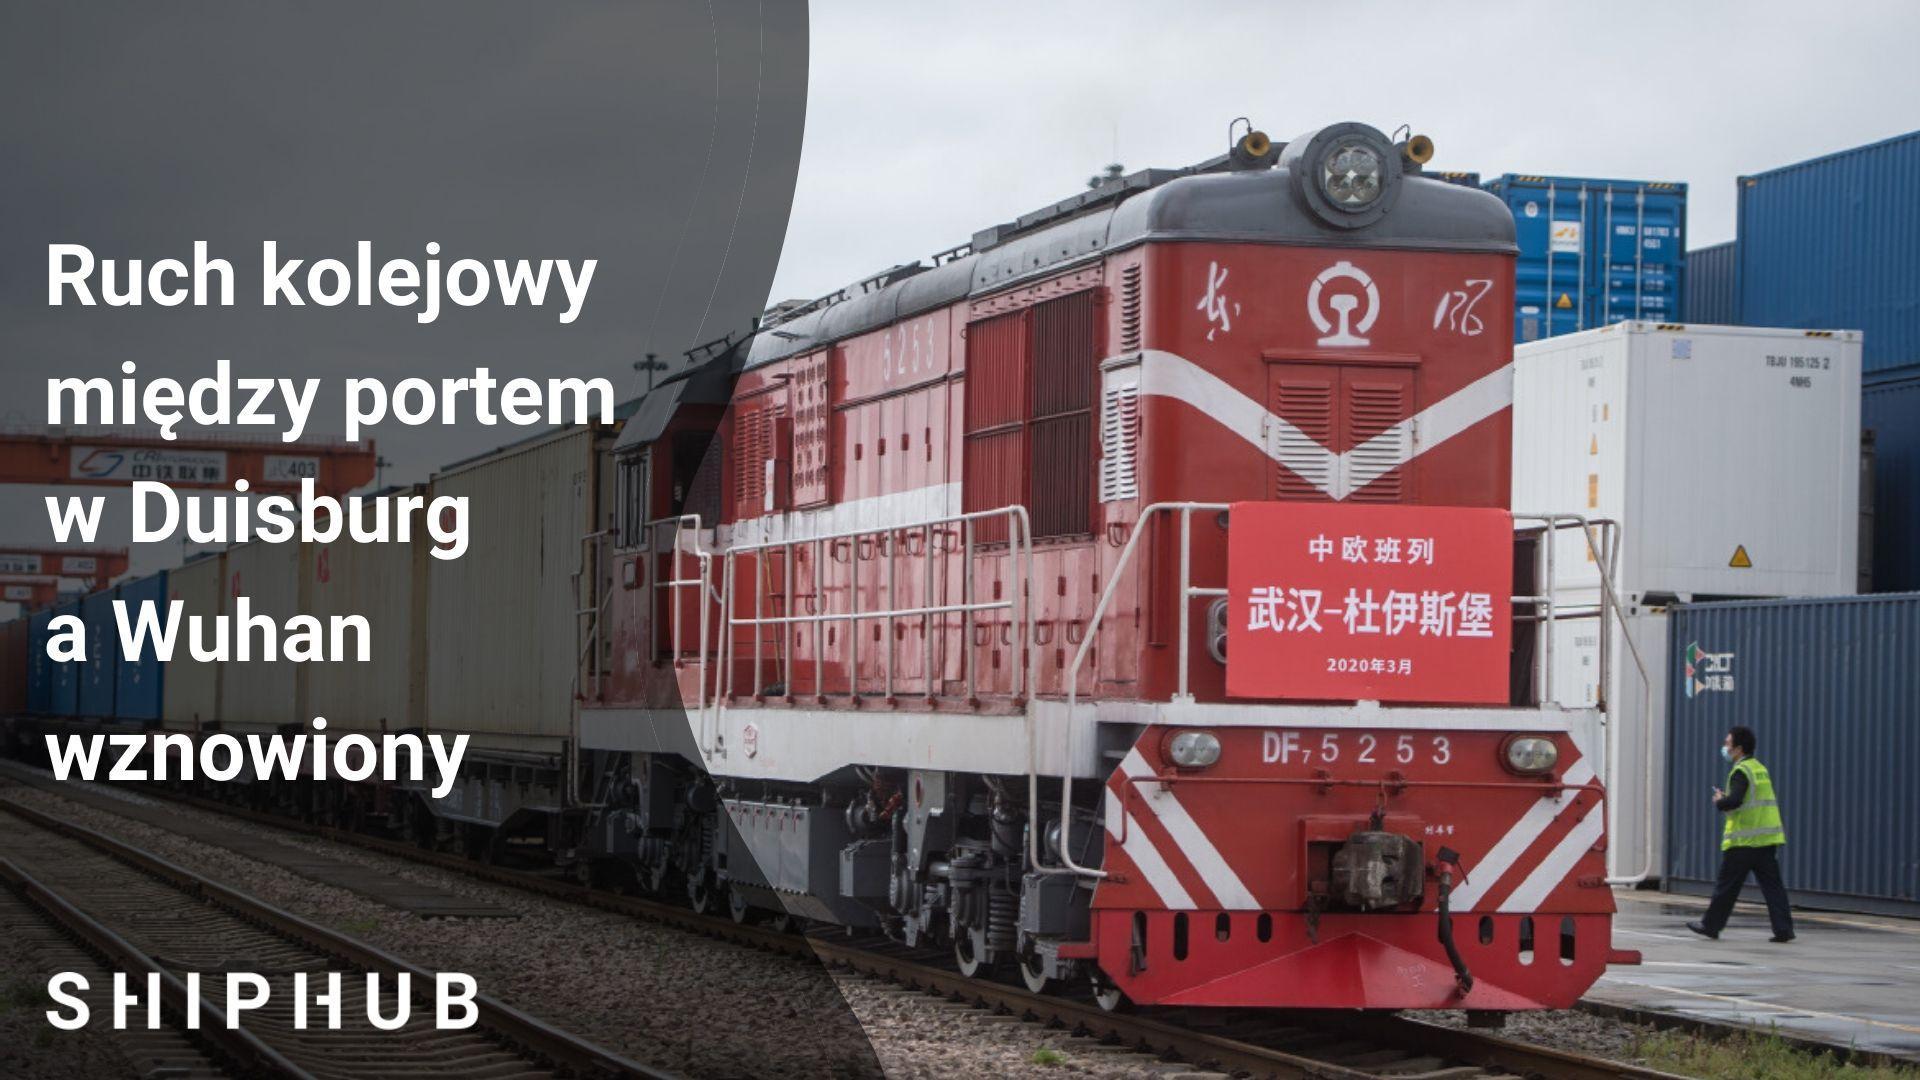 Ruch kolejowy między portem w Duisburg a Wuhan wznowiony